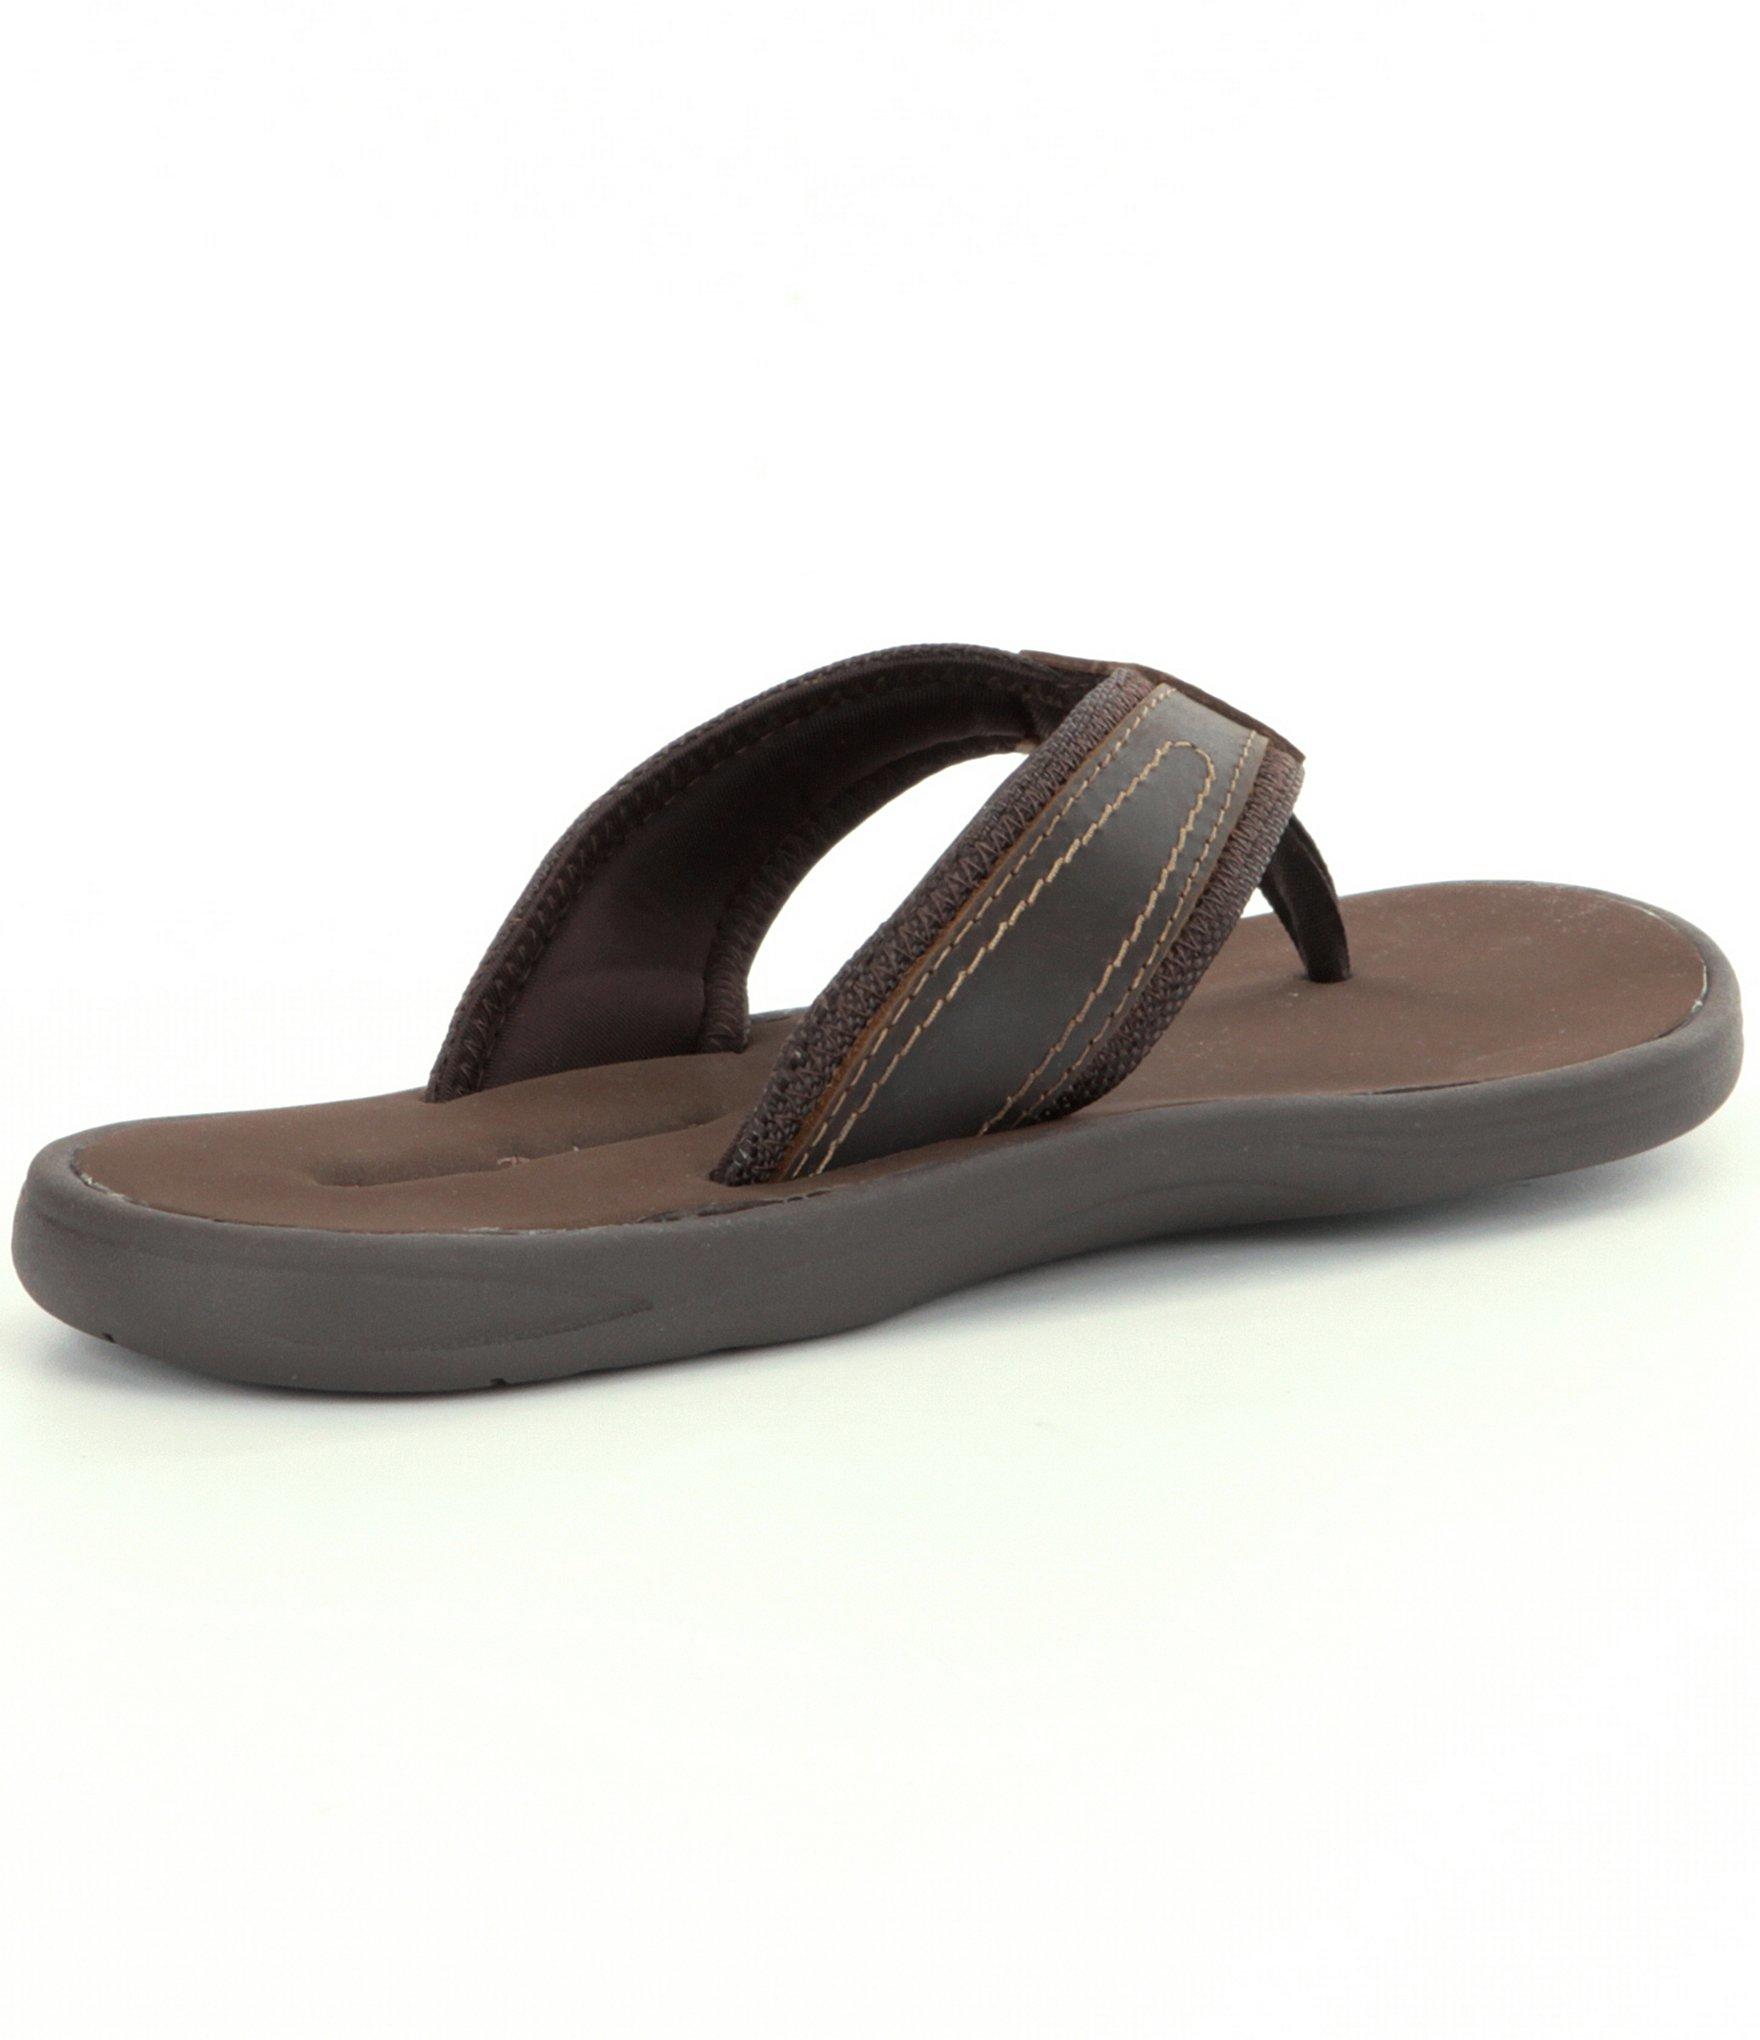 Tommy Bahama Men S Seawell Flip Flops In Brown For Men  Lyst-6095